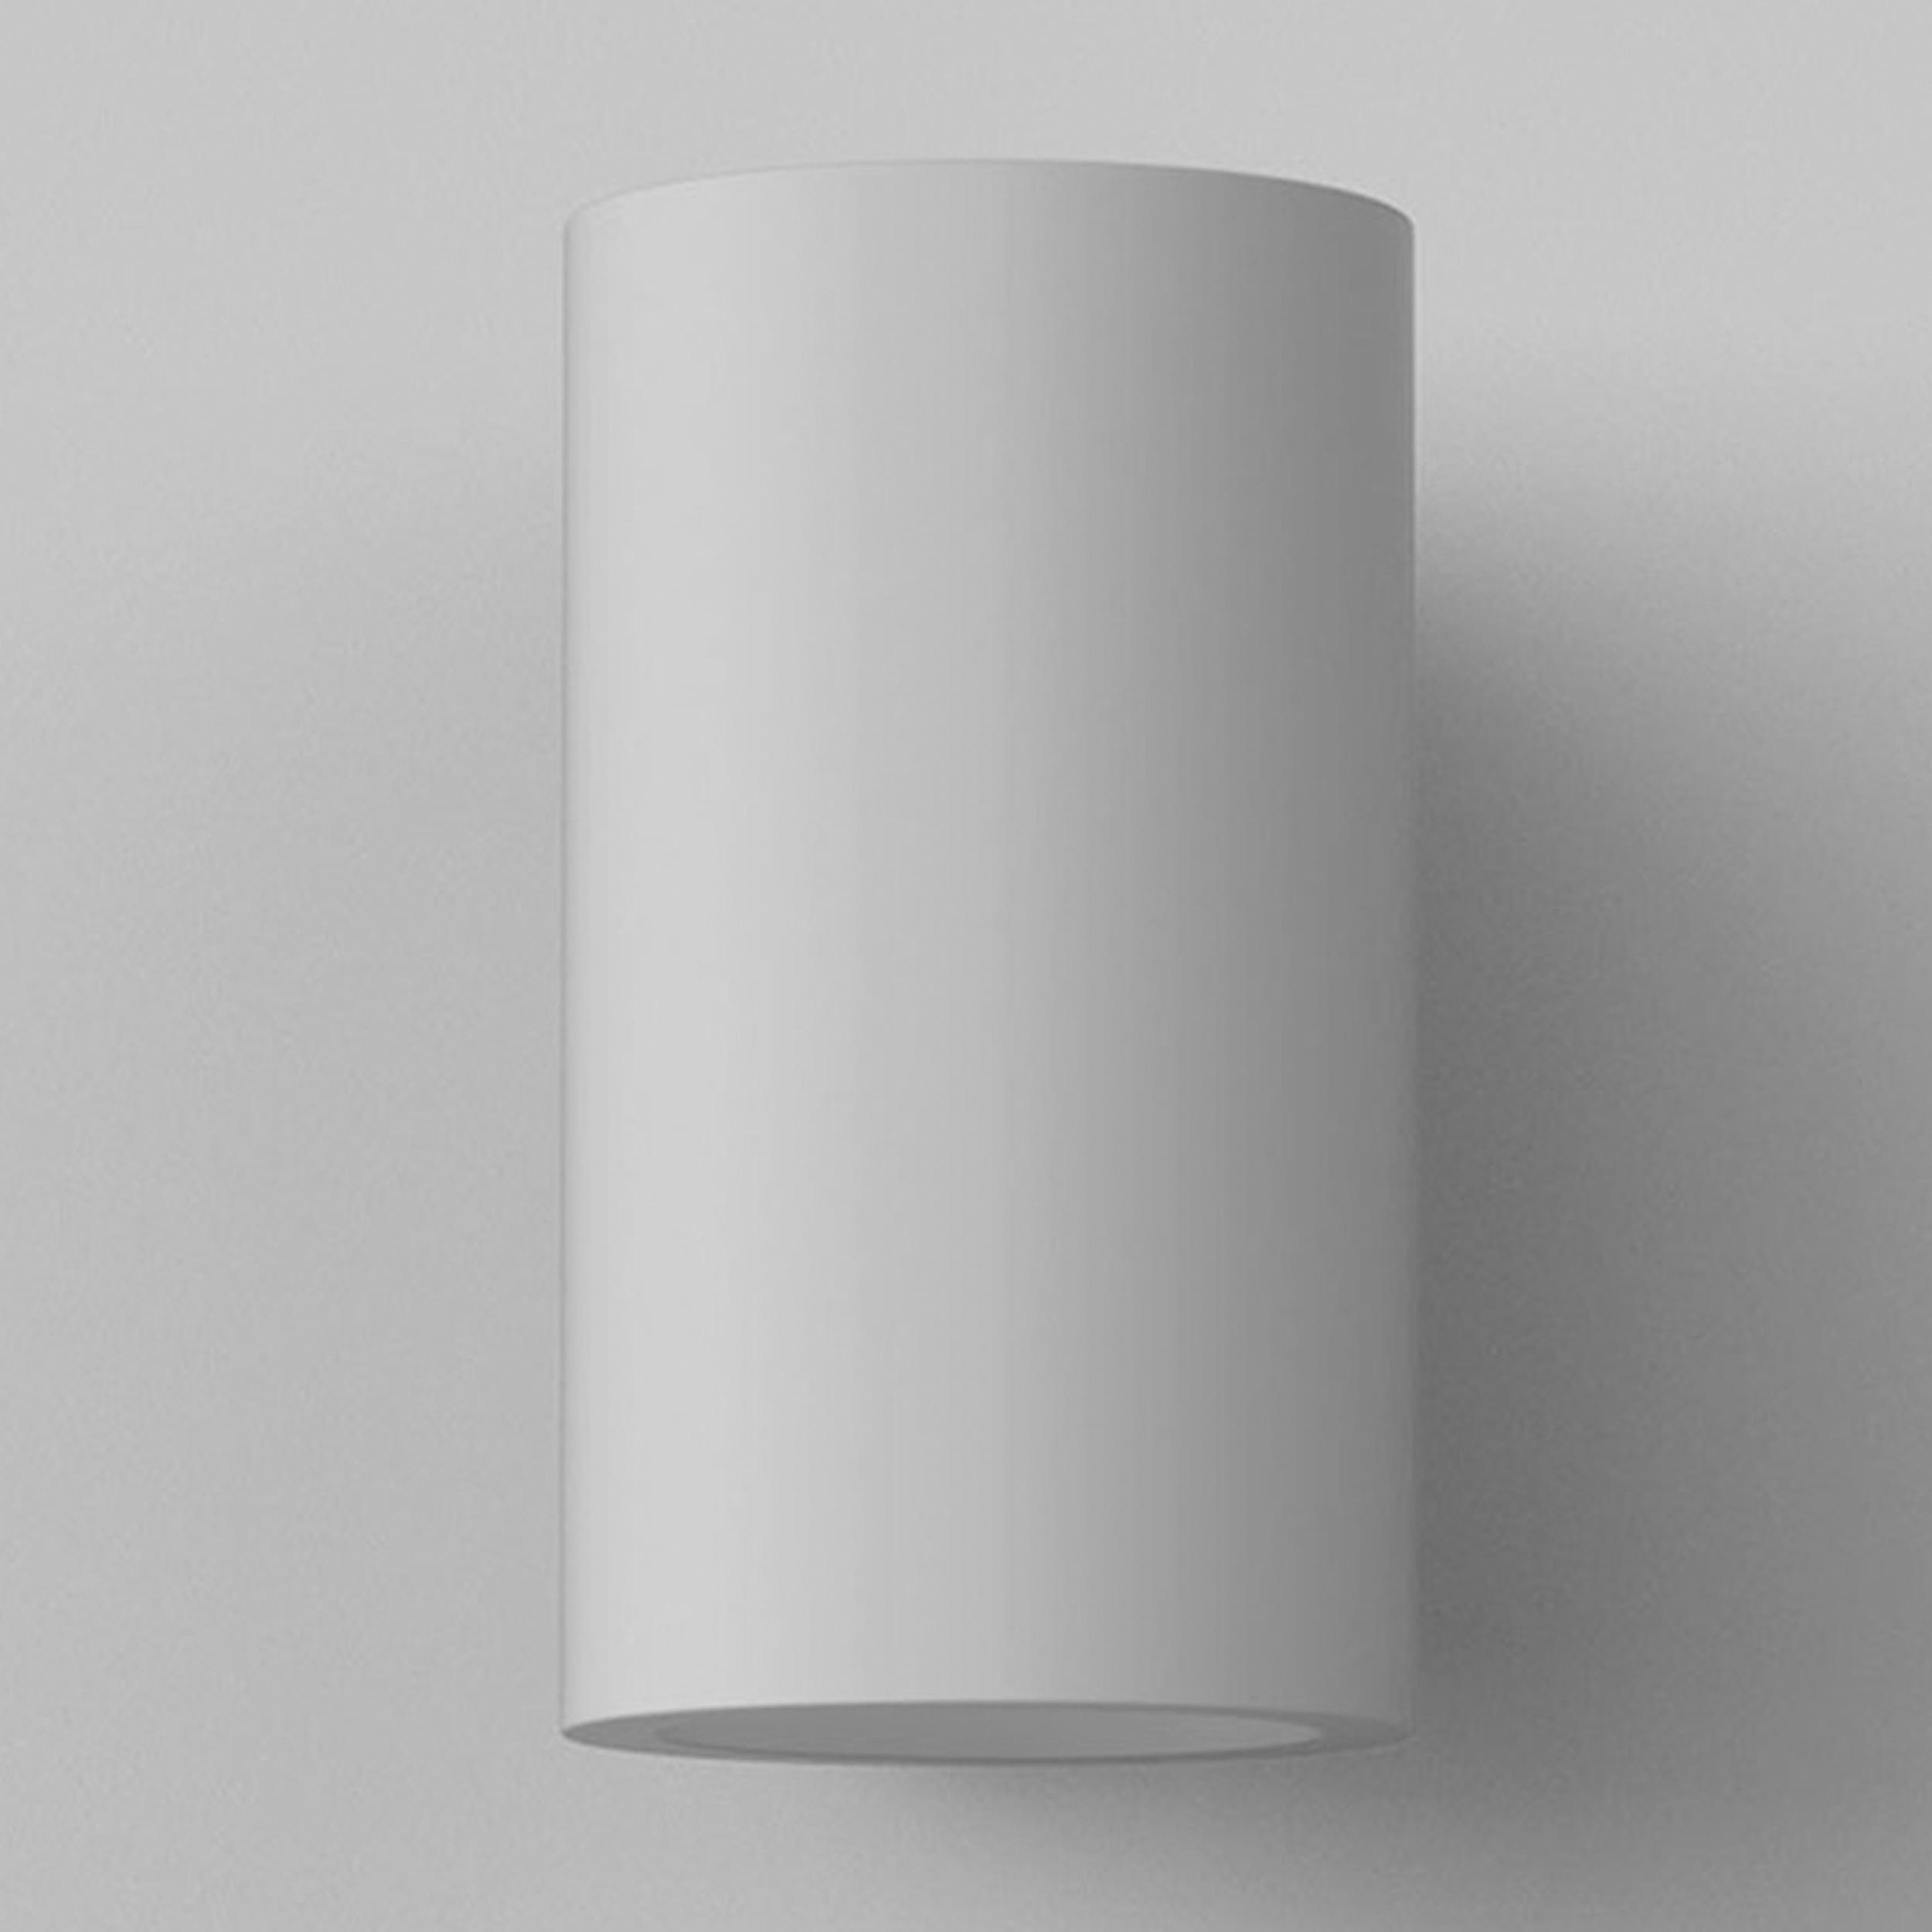 Astro Bologna 240 Led Wall Light White Plaster E